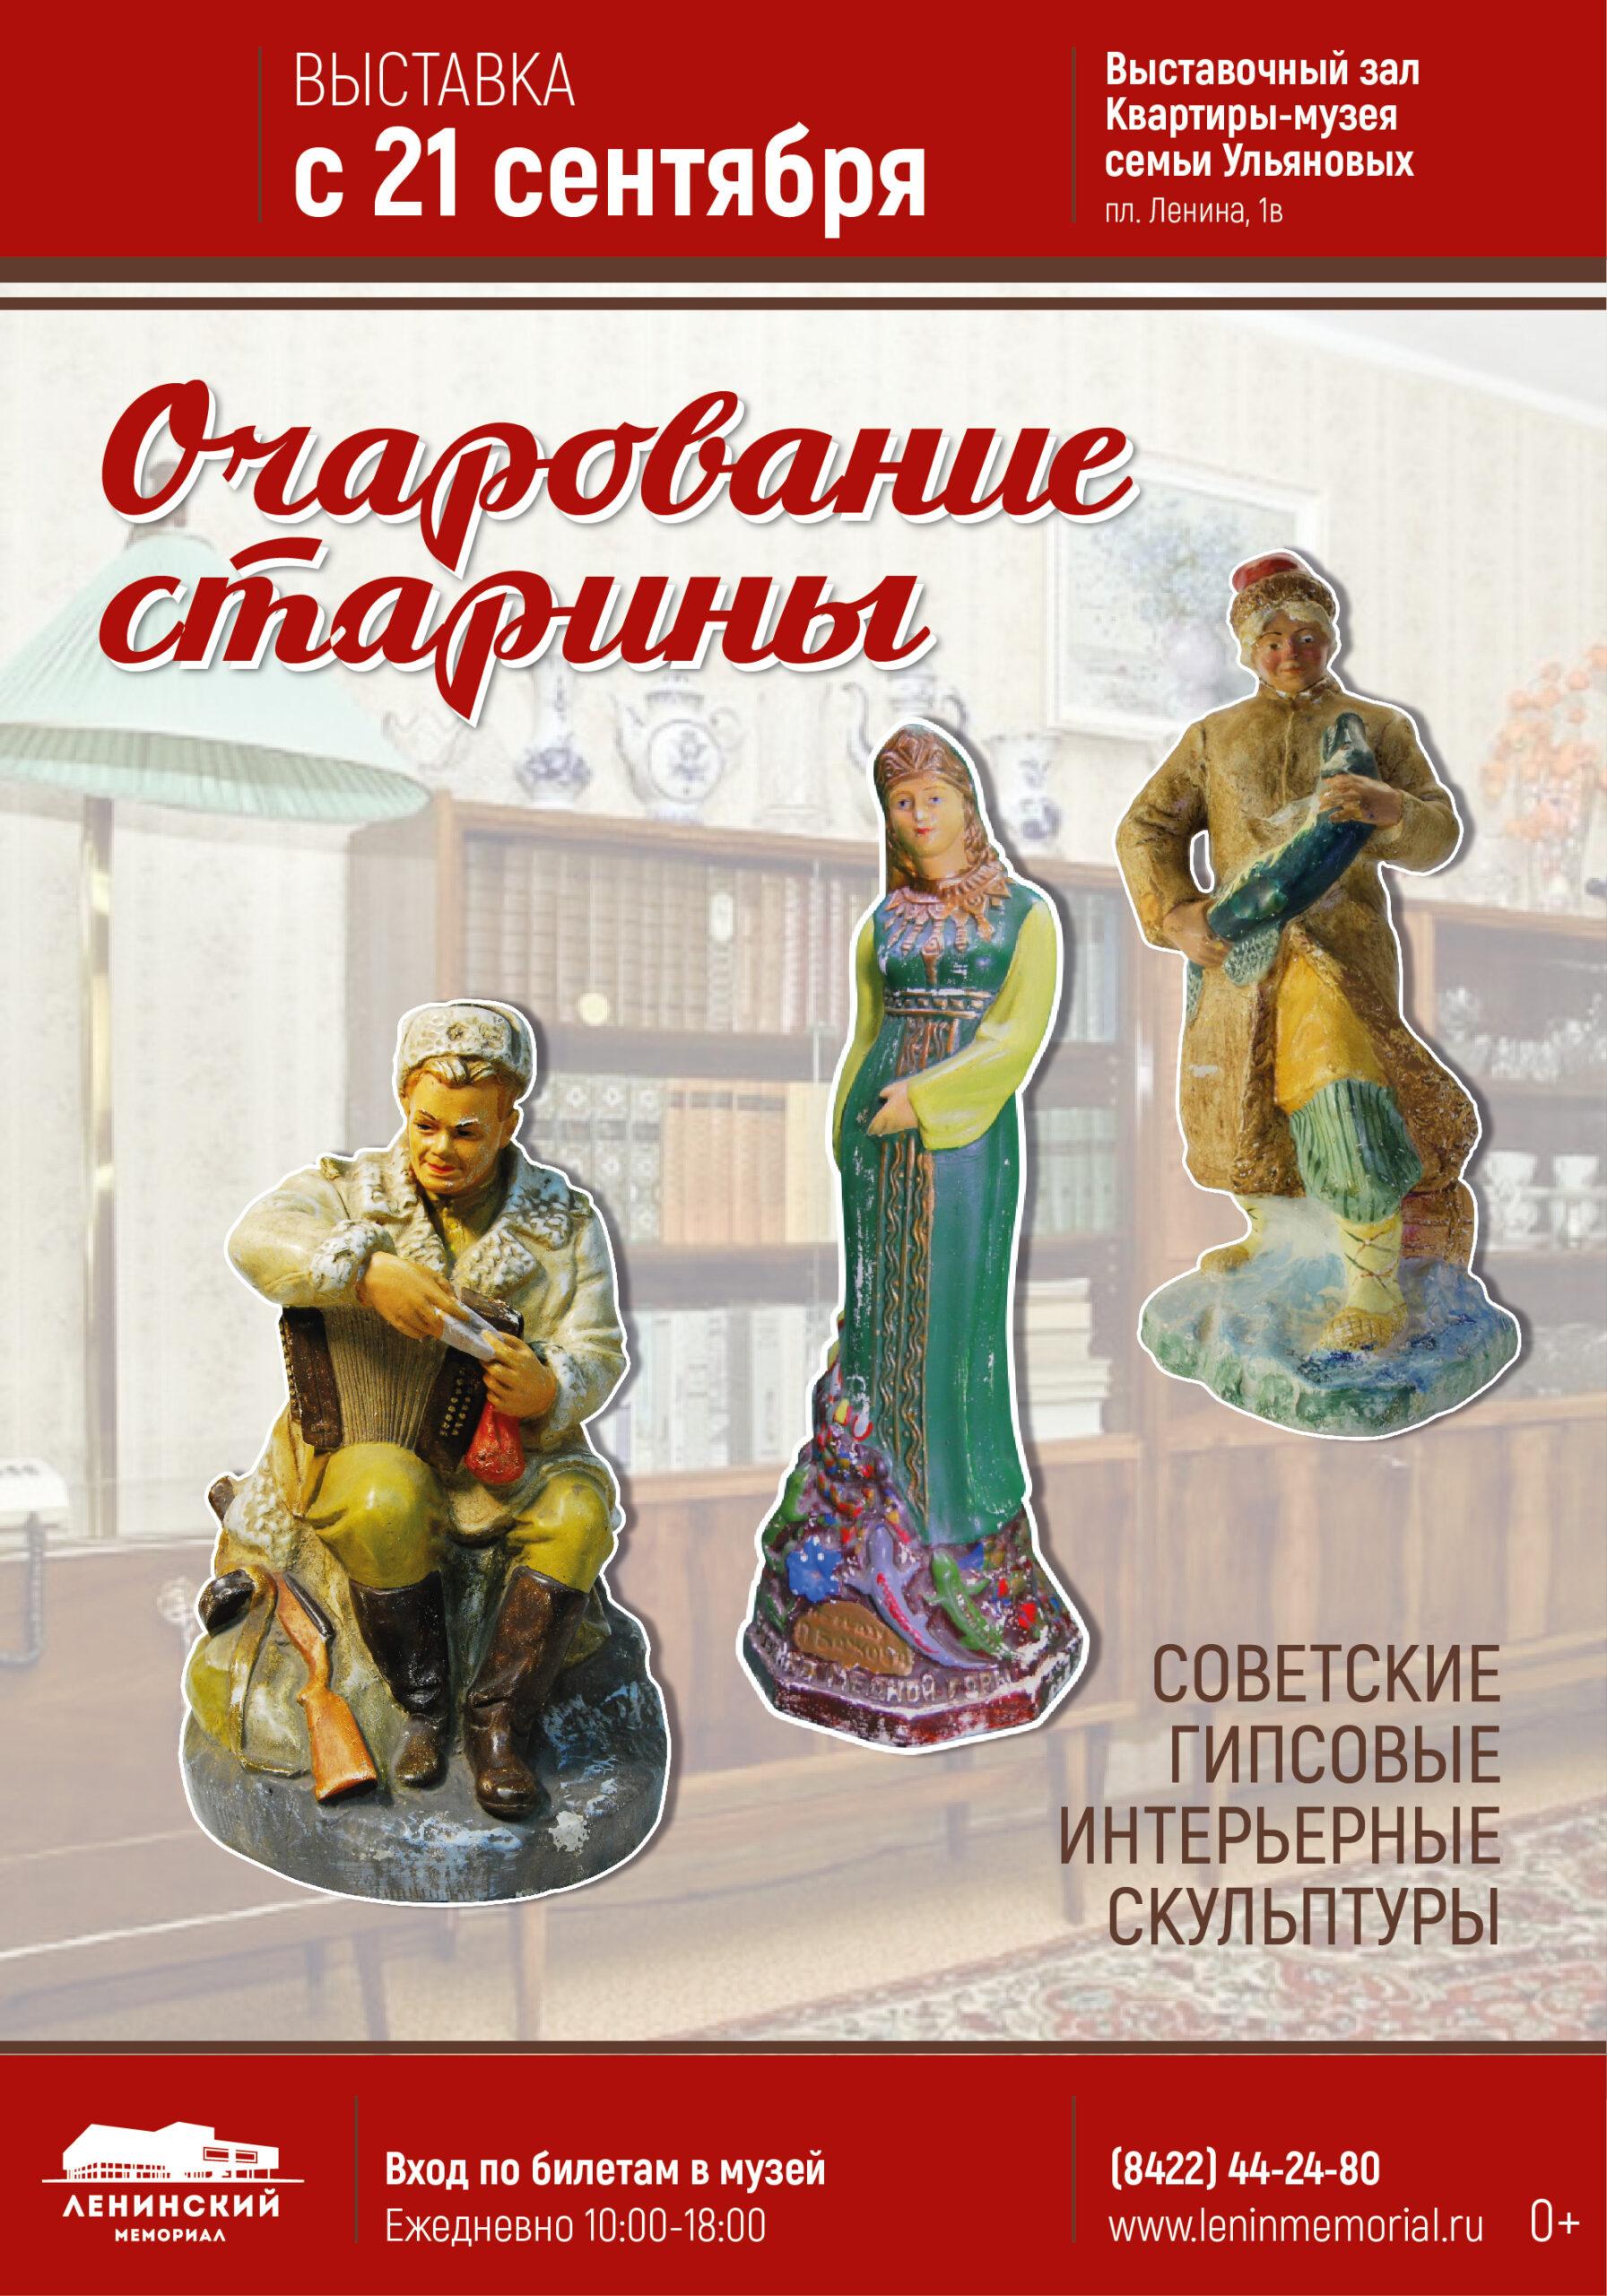 Выставка «Очарование старины» @ в выставочном зале Квартиры-музея семьи Ульяновых (пл.Ленина 1В)